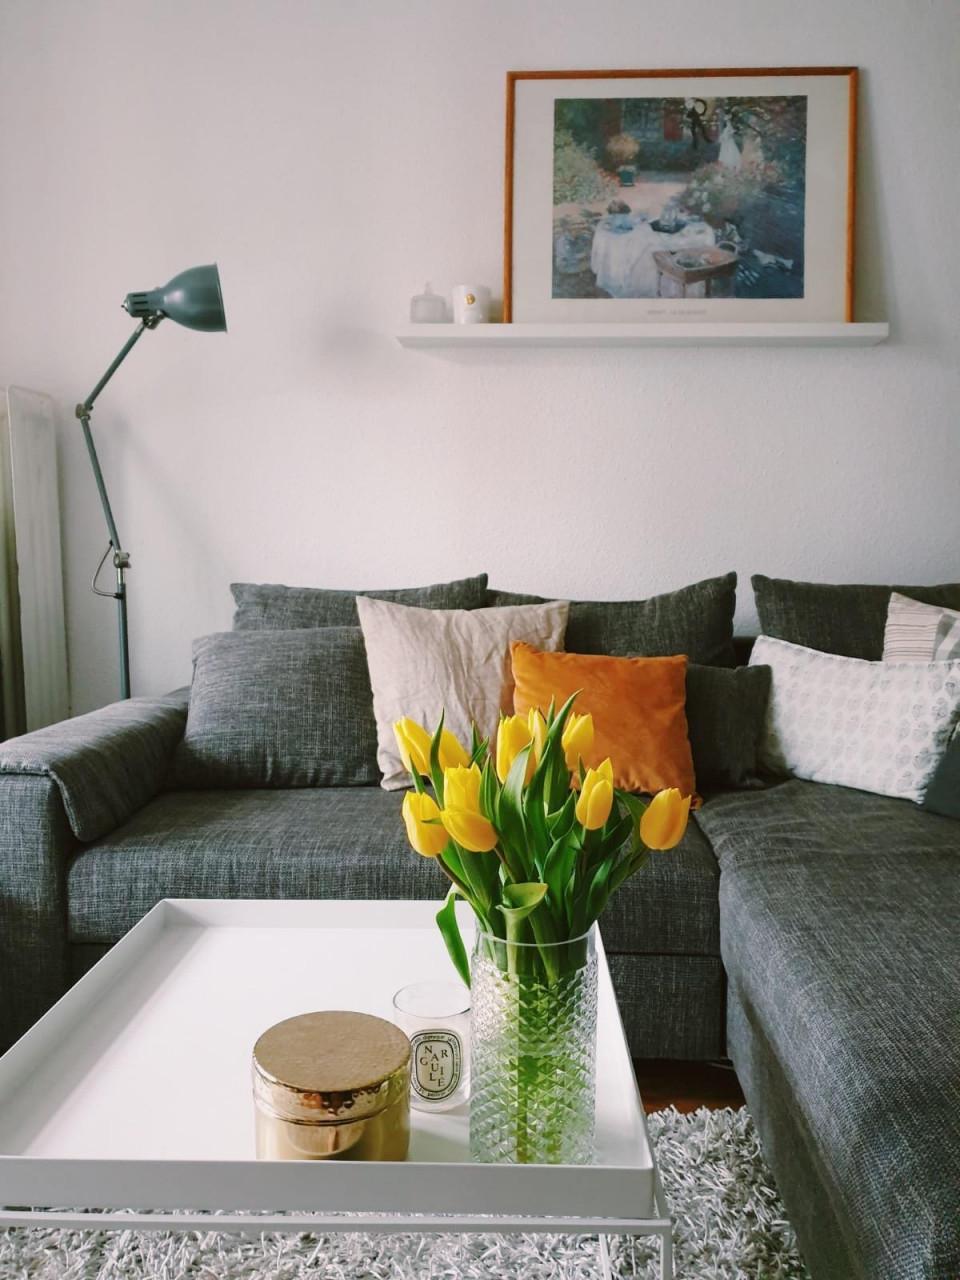 Farben Im Wohnzimmer So Wird's Gemütlich von Wohnzimmer Ideen Farben Bild